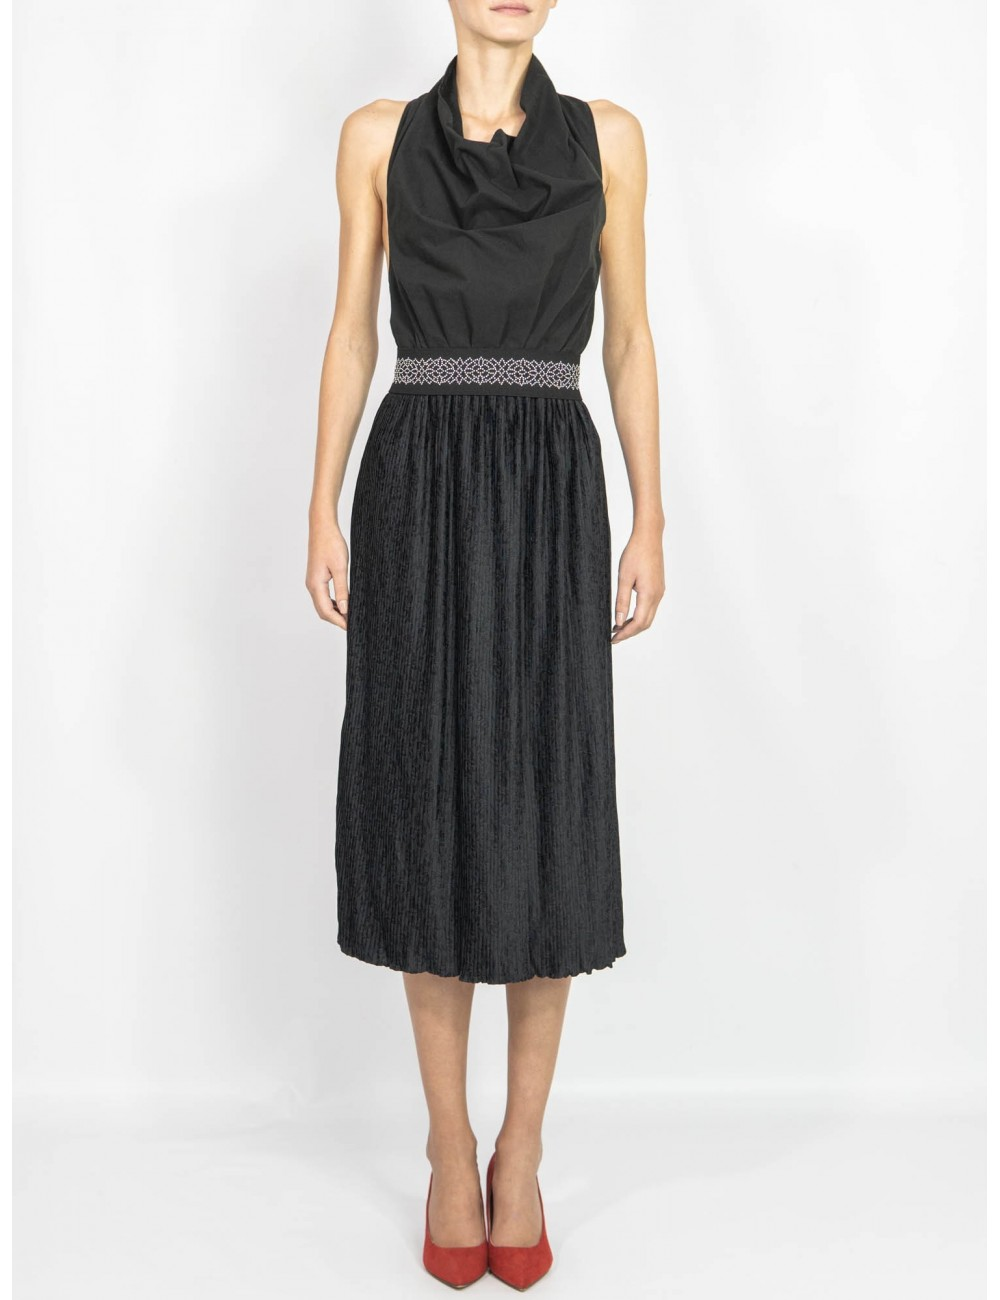 Upcycled dress Hooldra